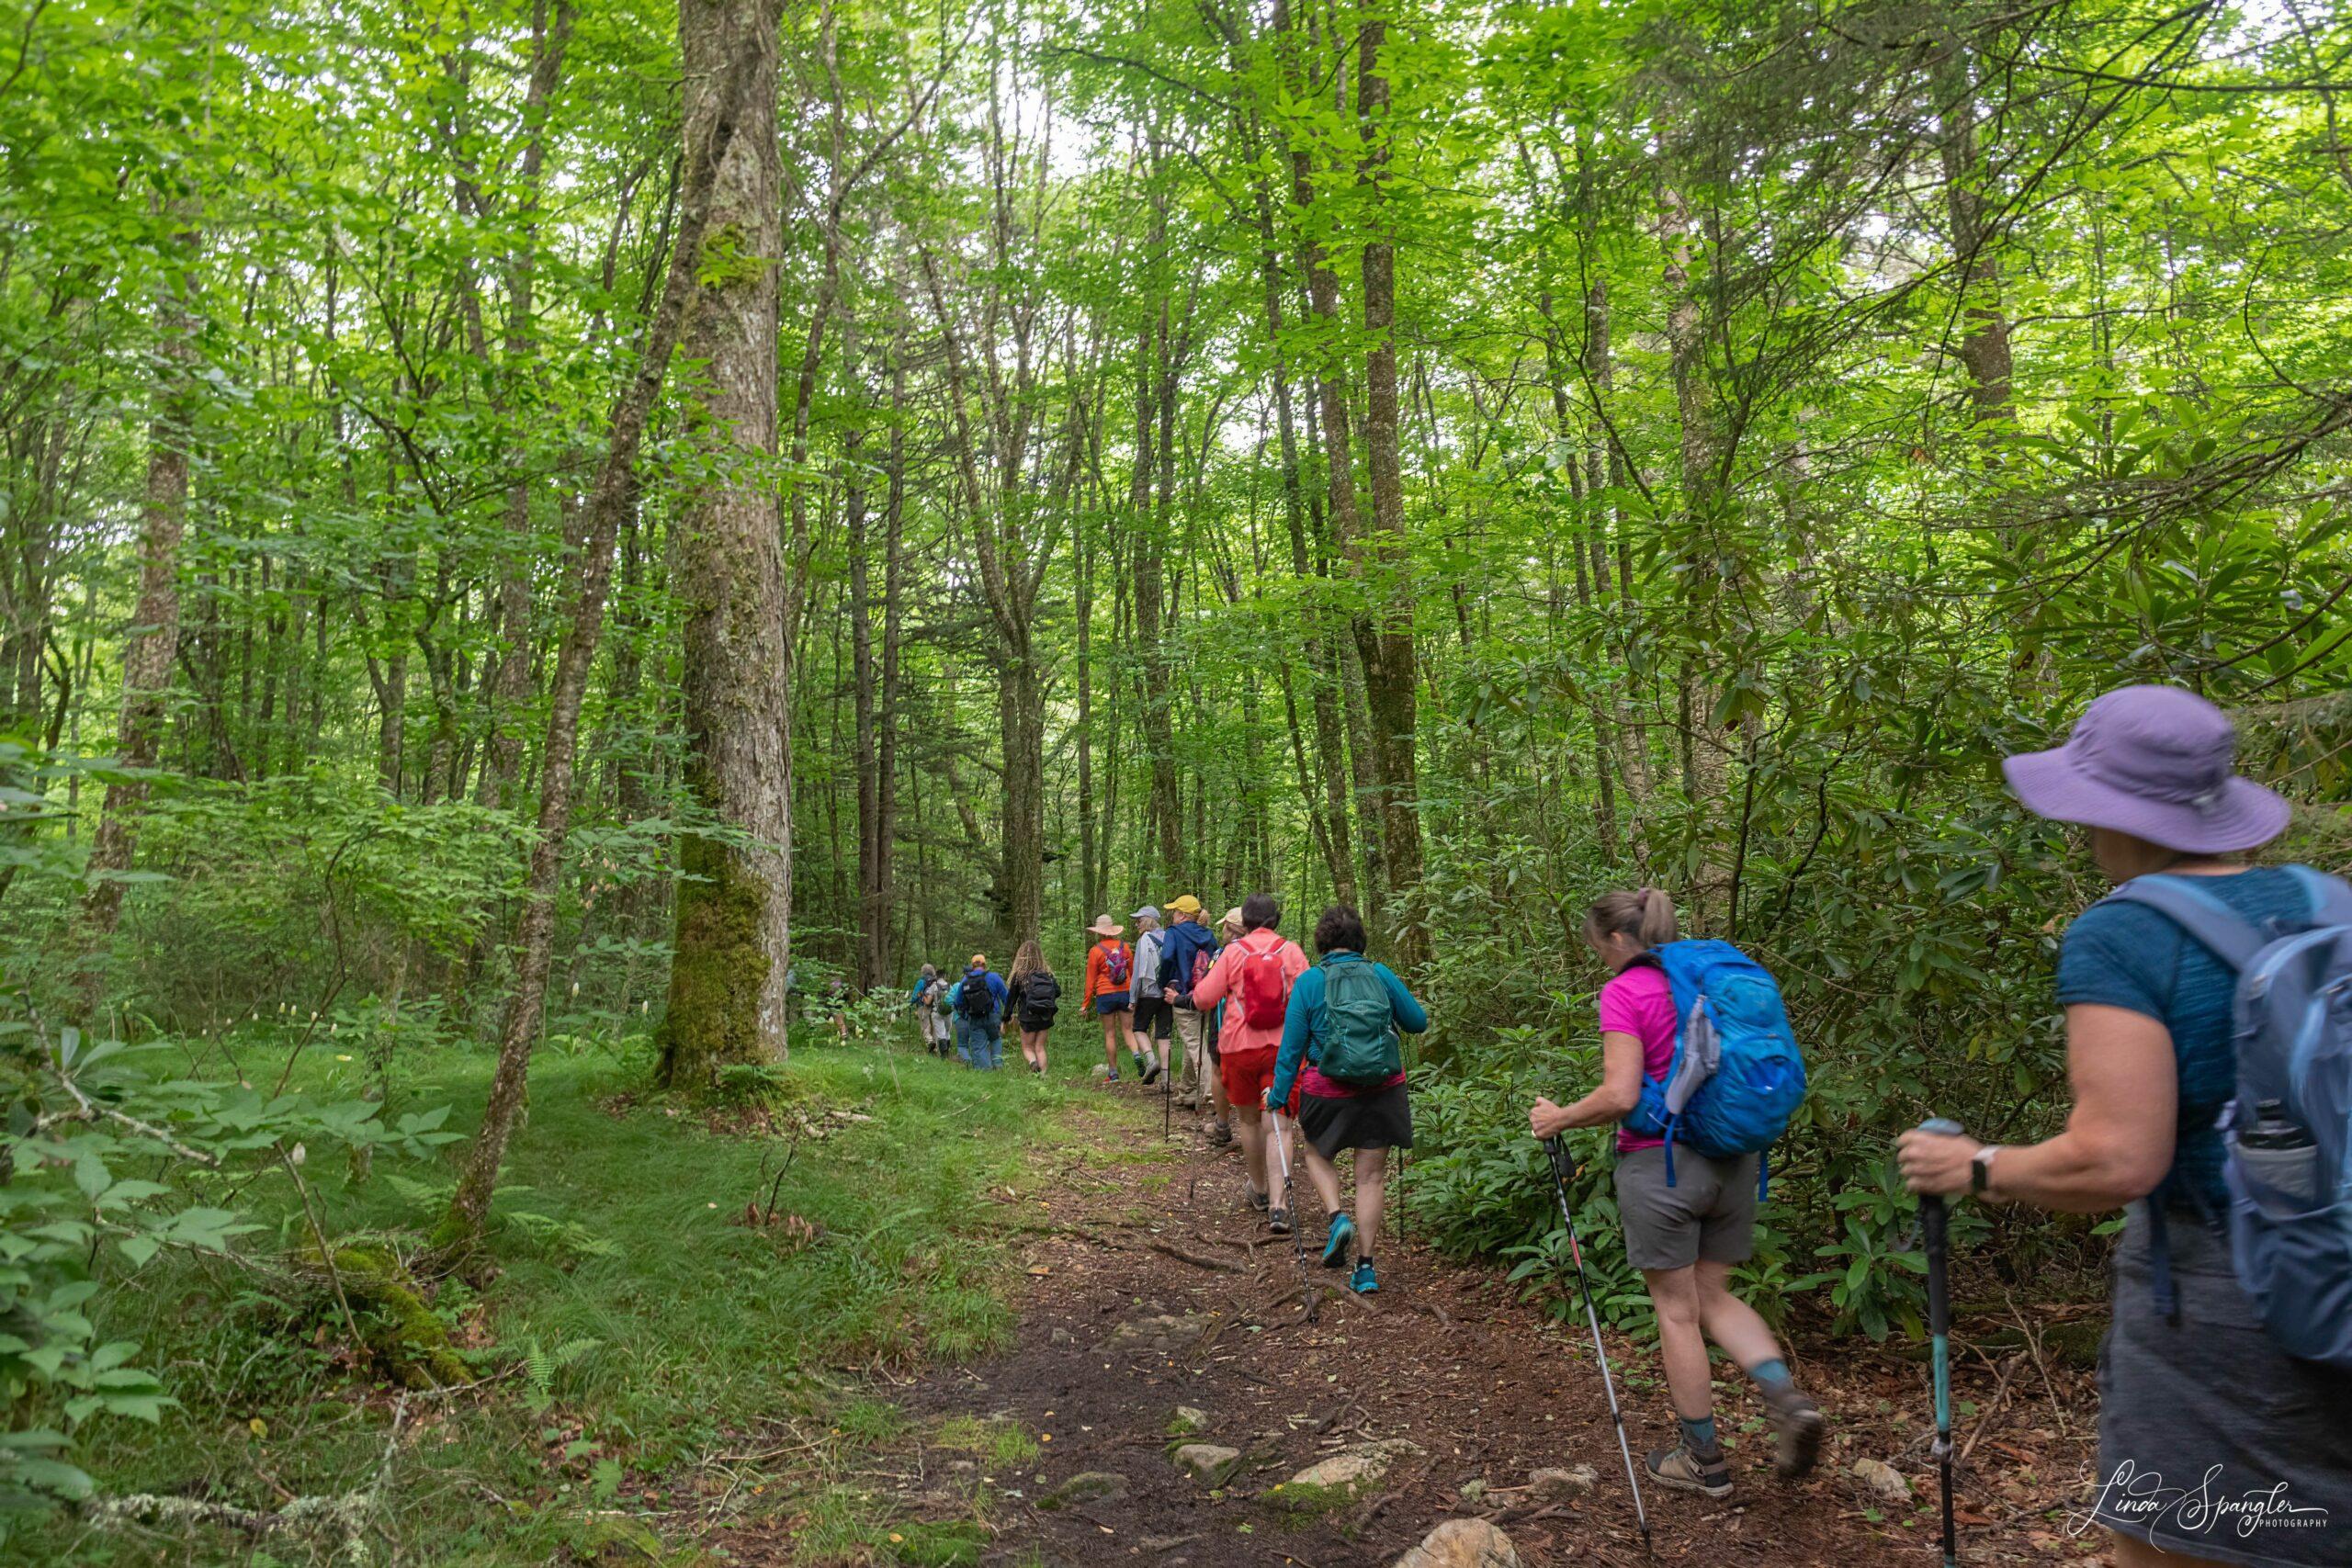 FOTS Classic Hike of Flat Creek Trail - group photo